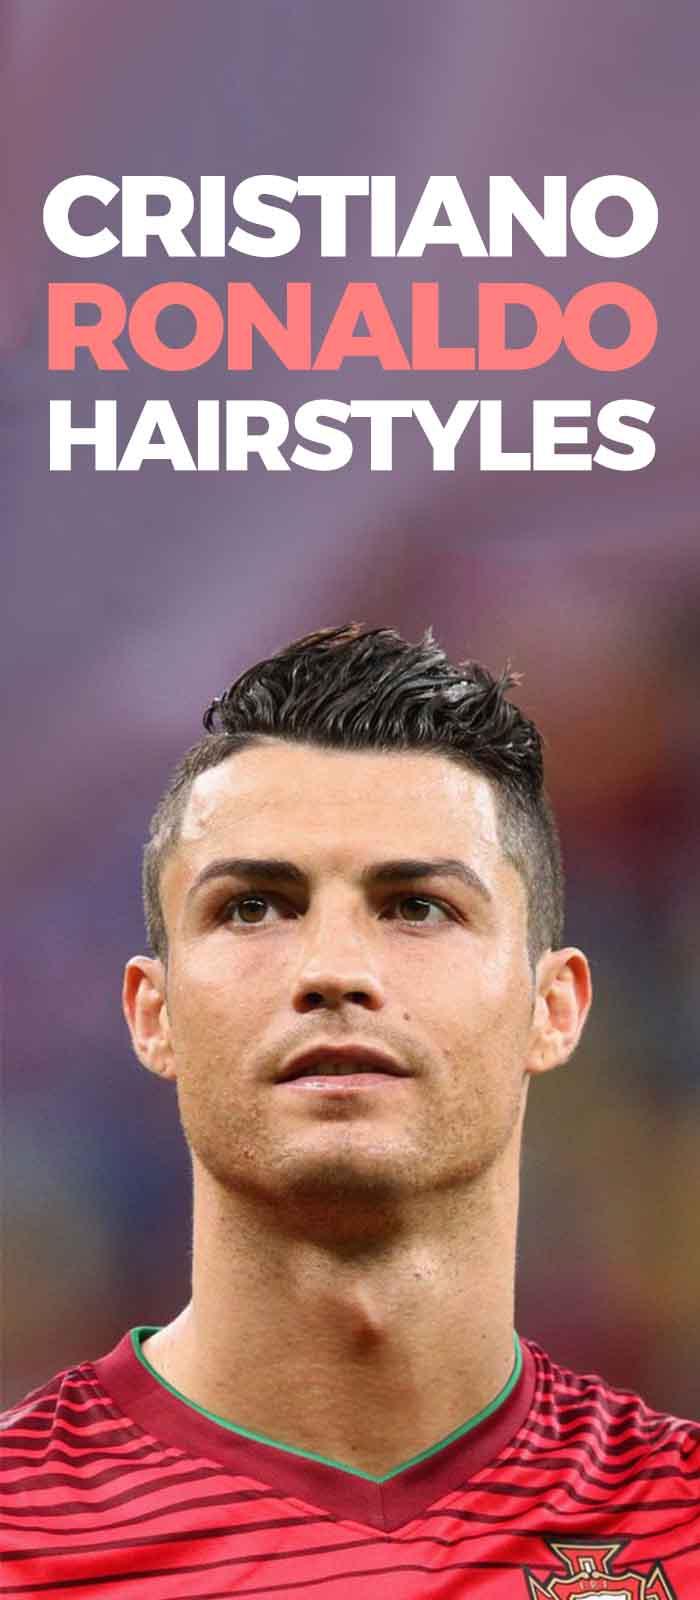 Cristiano Ronaldo Haircuts 2019.